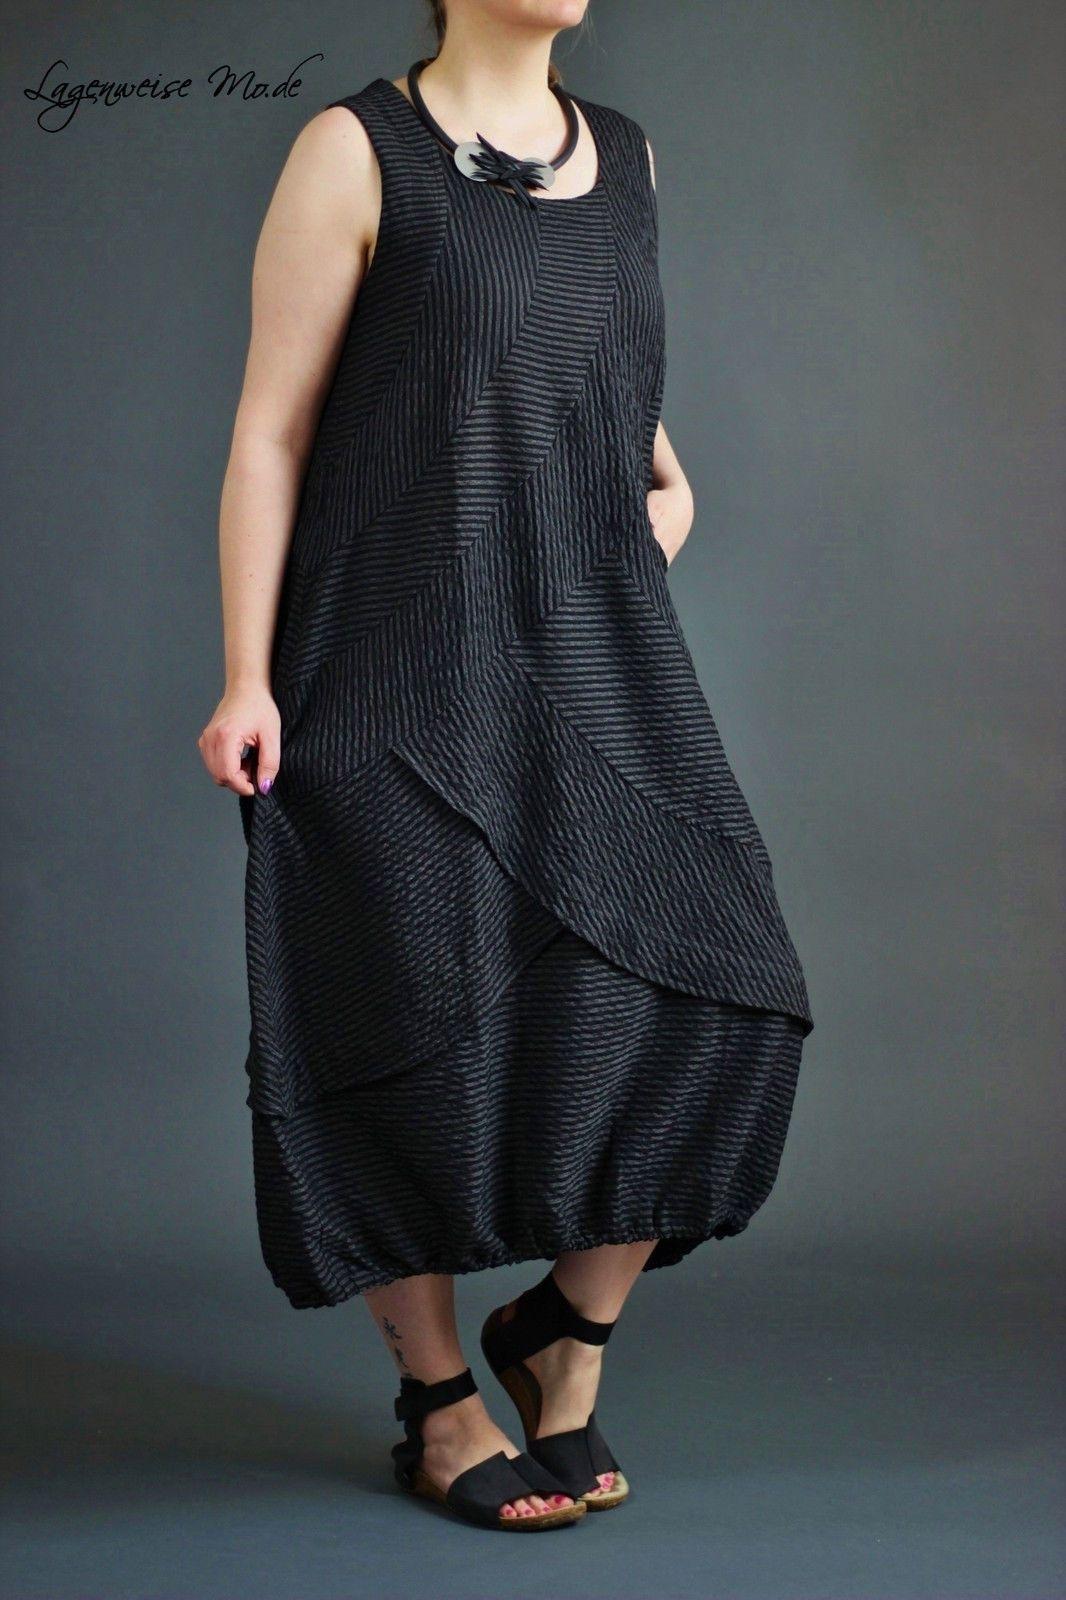 Fantastisch Kleider Gr 48 50 GalerieAbend Elegant Kleider Gr 48 50 Bester Preis